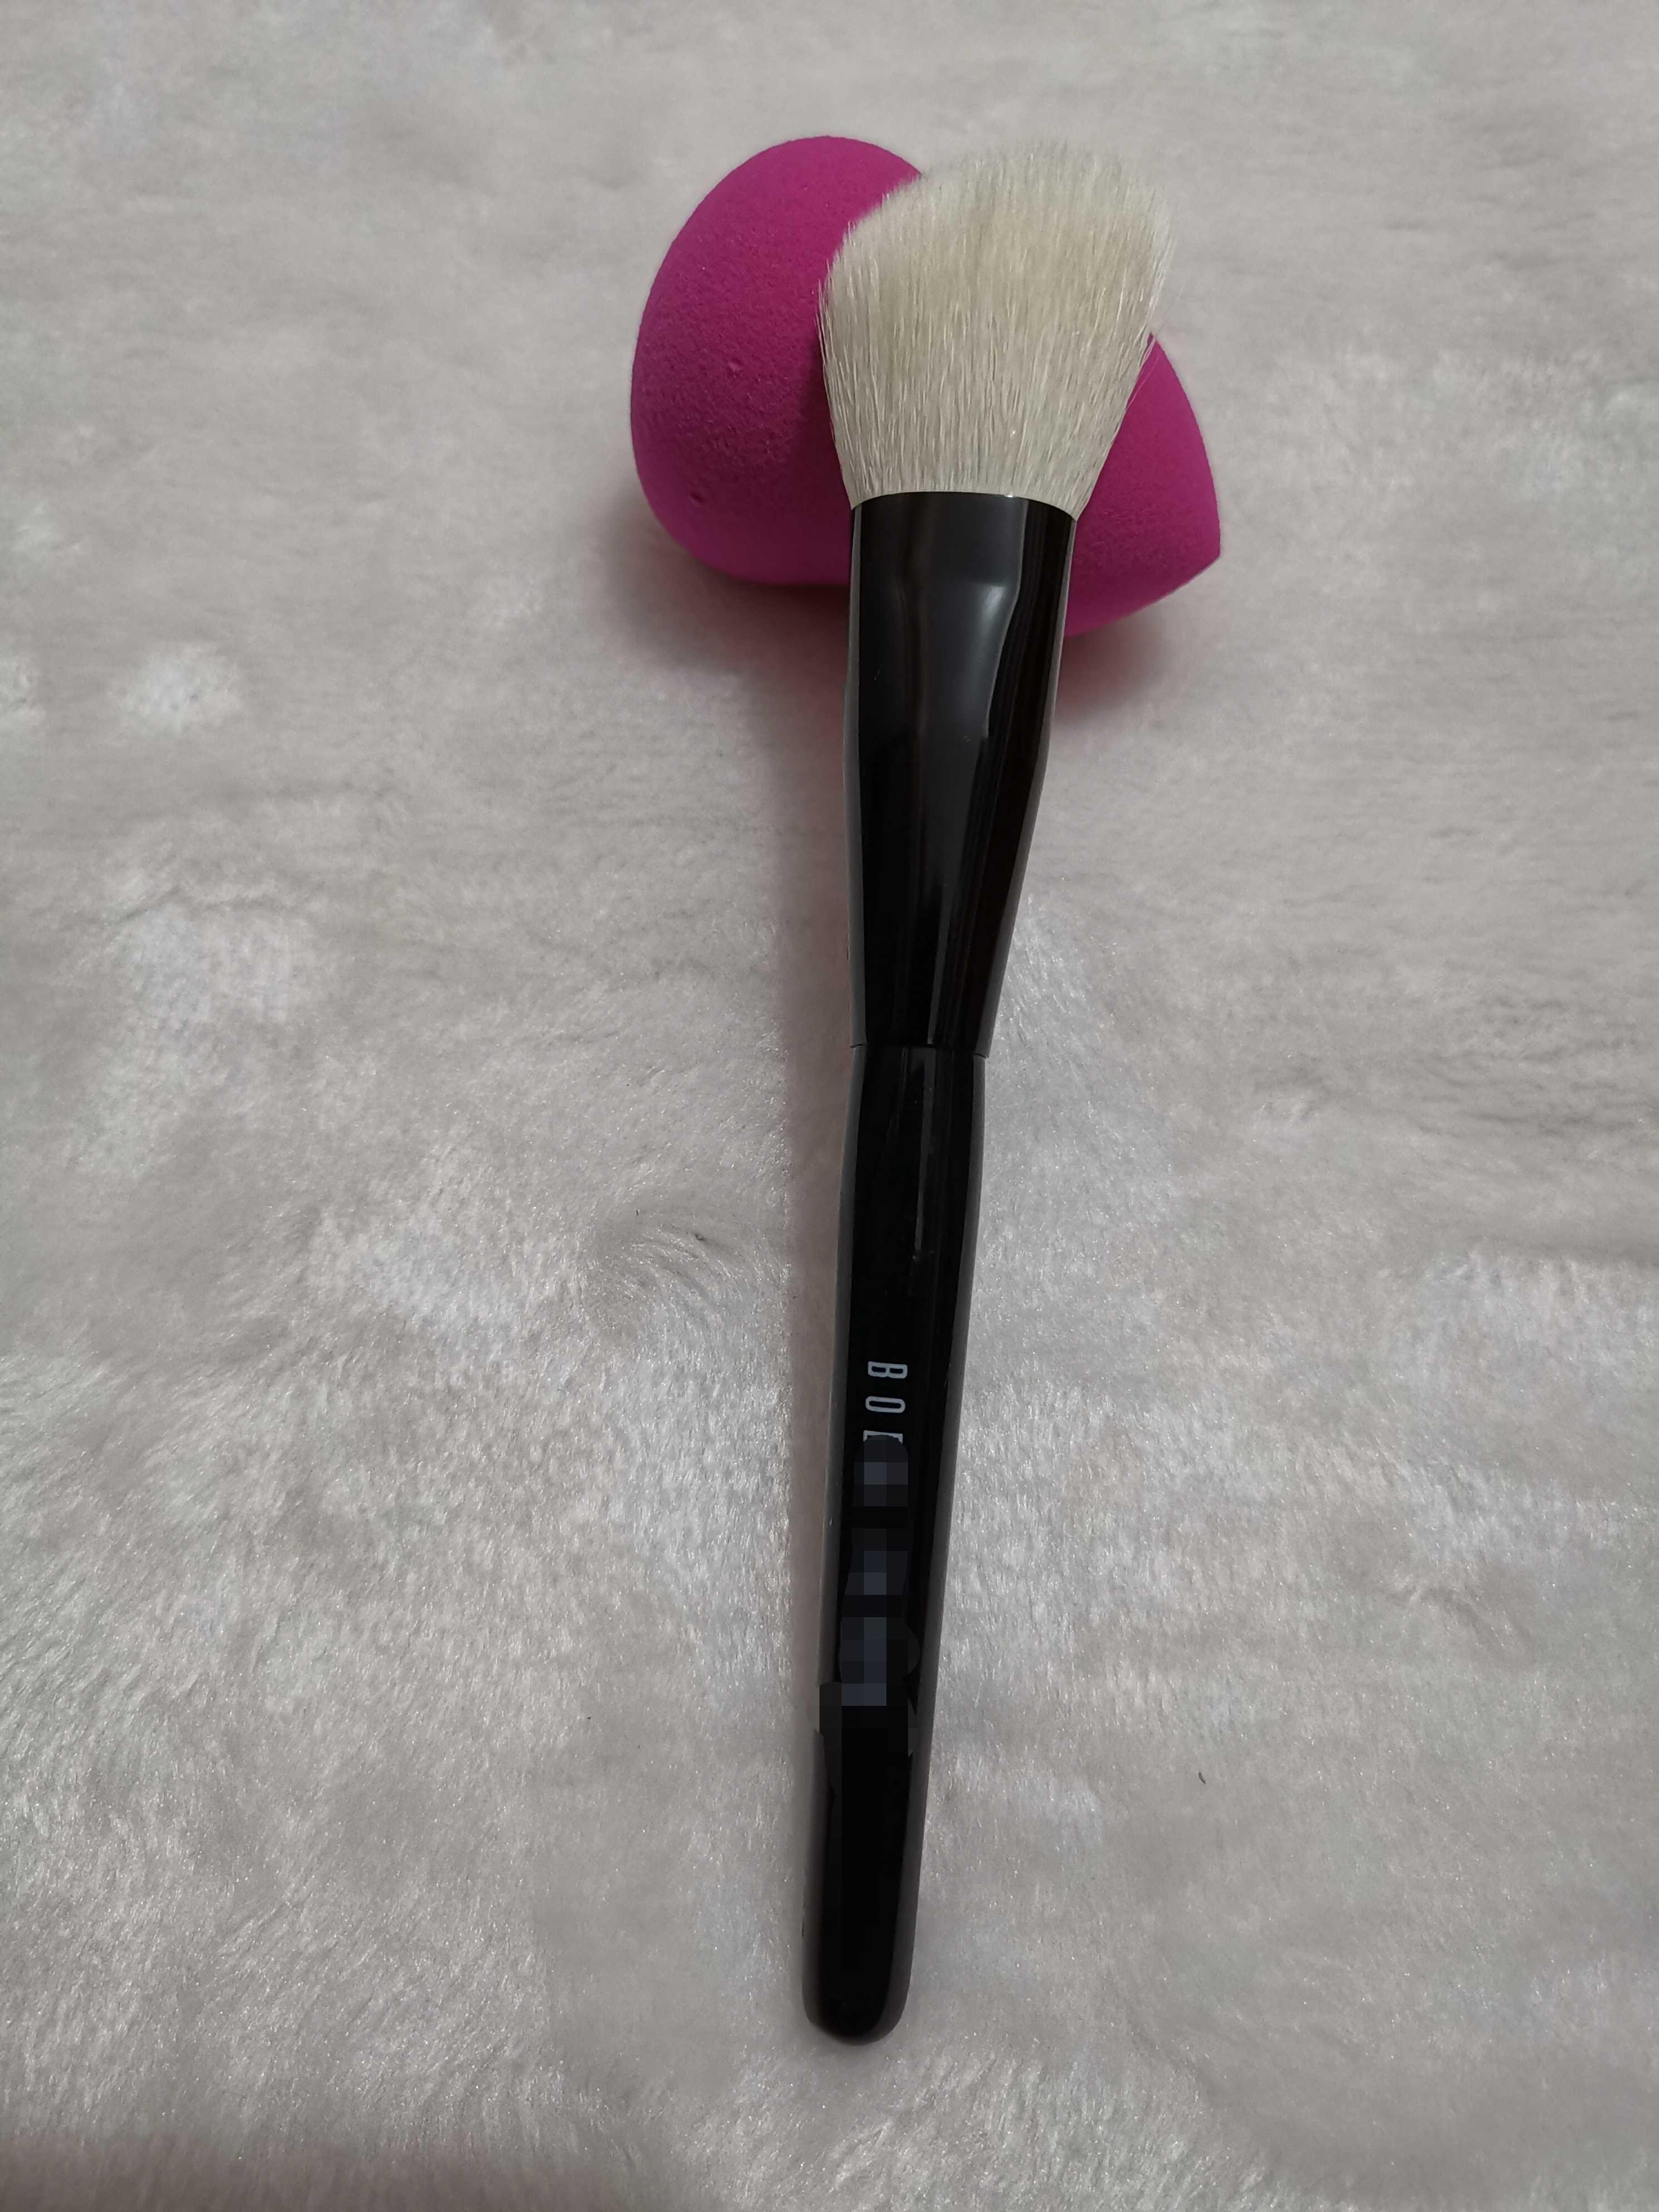 促销芭比家化妆刷白羊毛刷斜型多功能刷散粉刷腮红刷修容刷